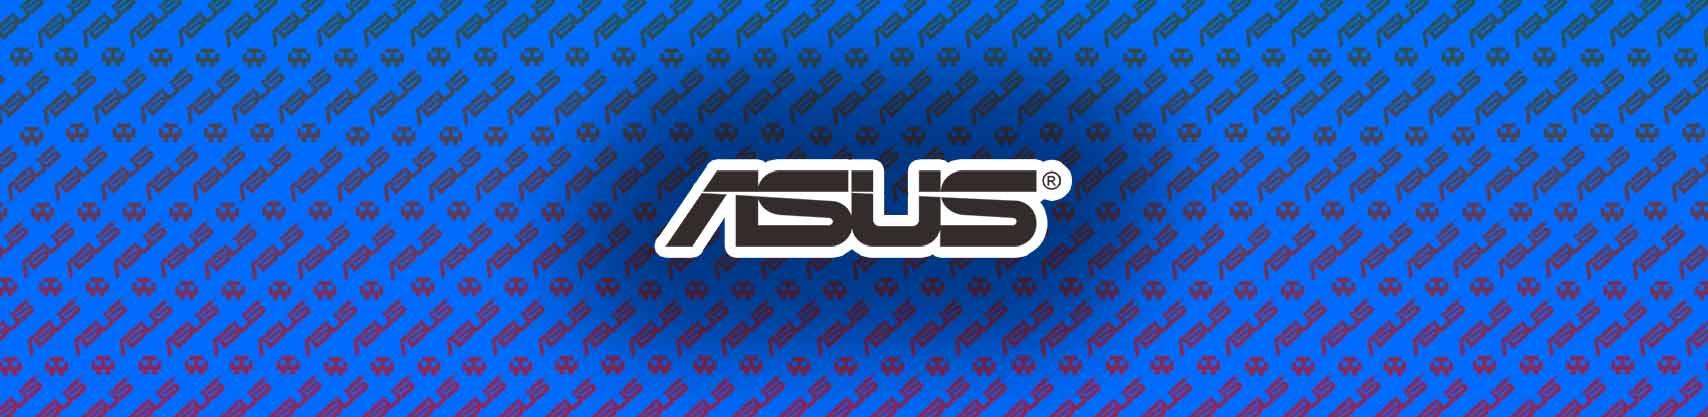 Asus Prime B250M-A Manual